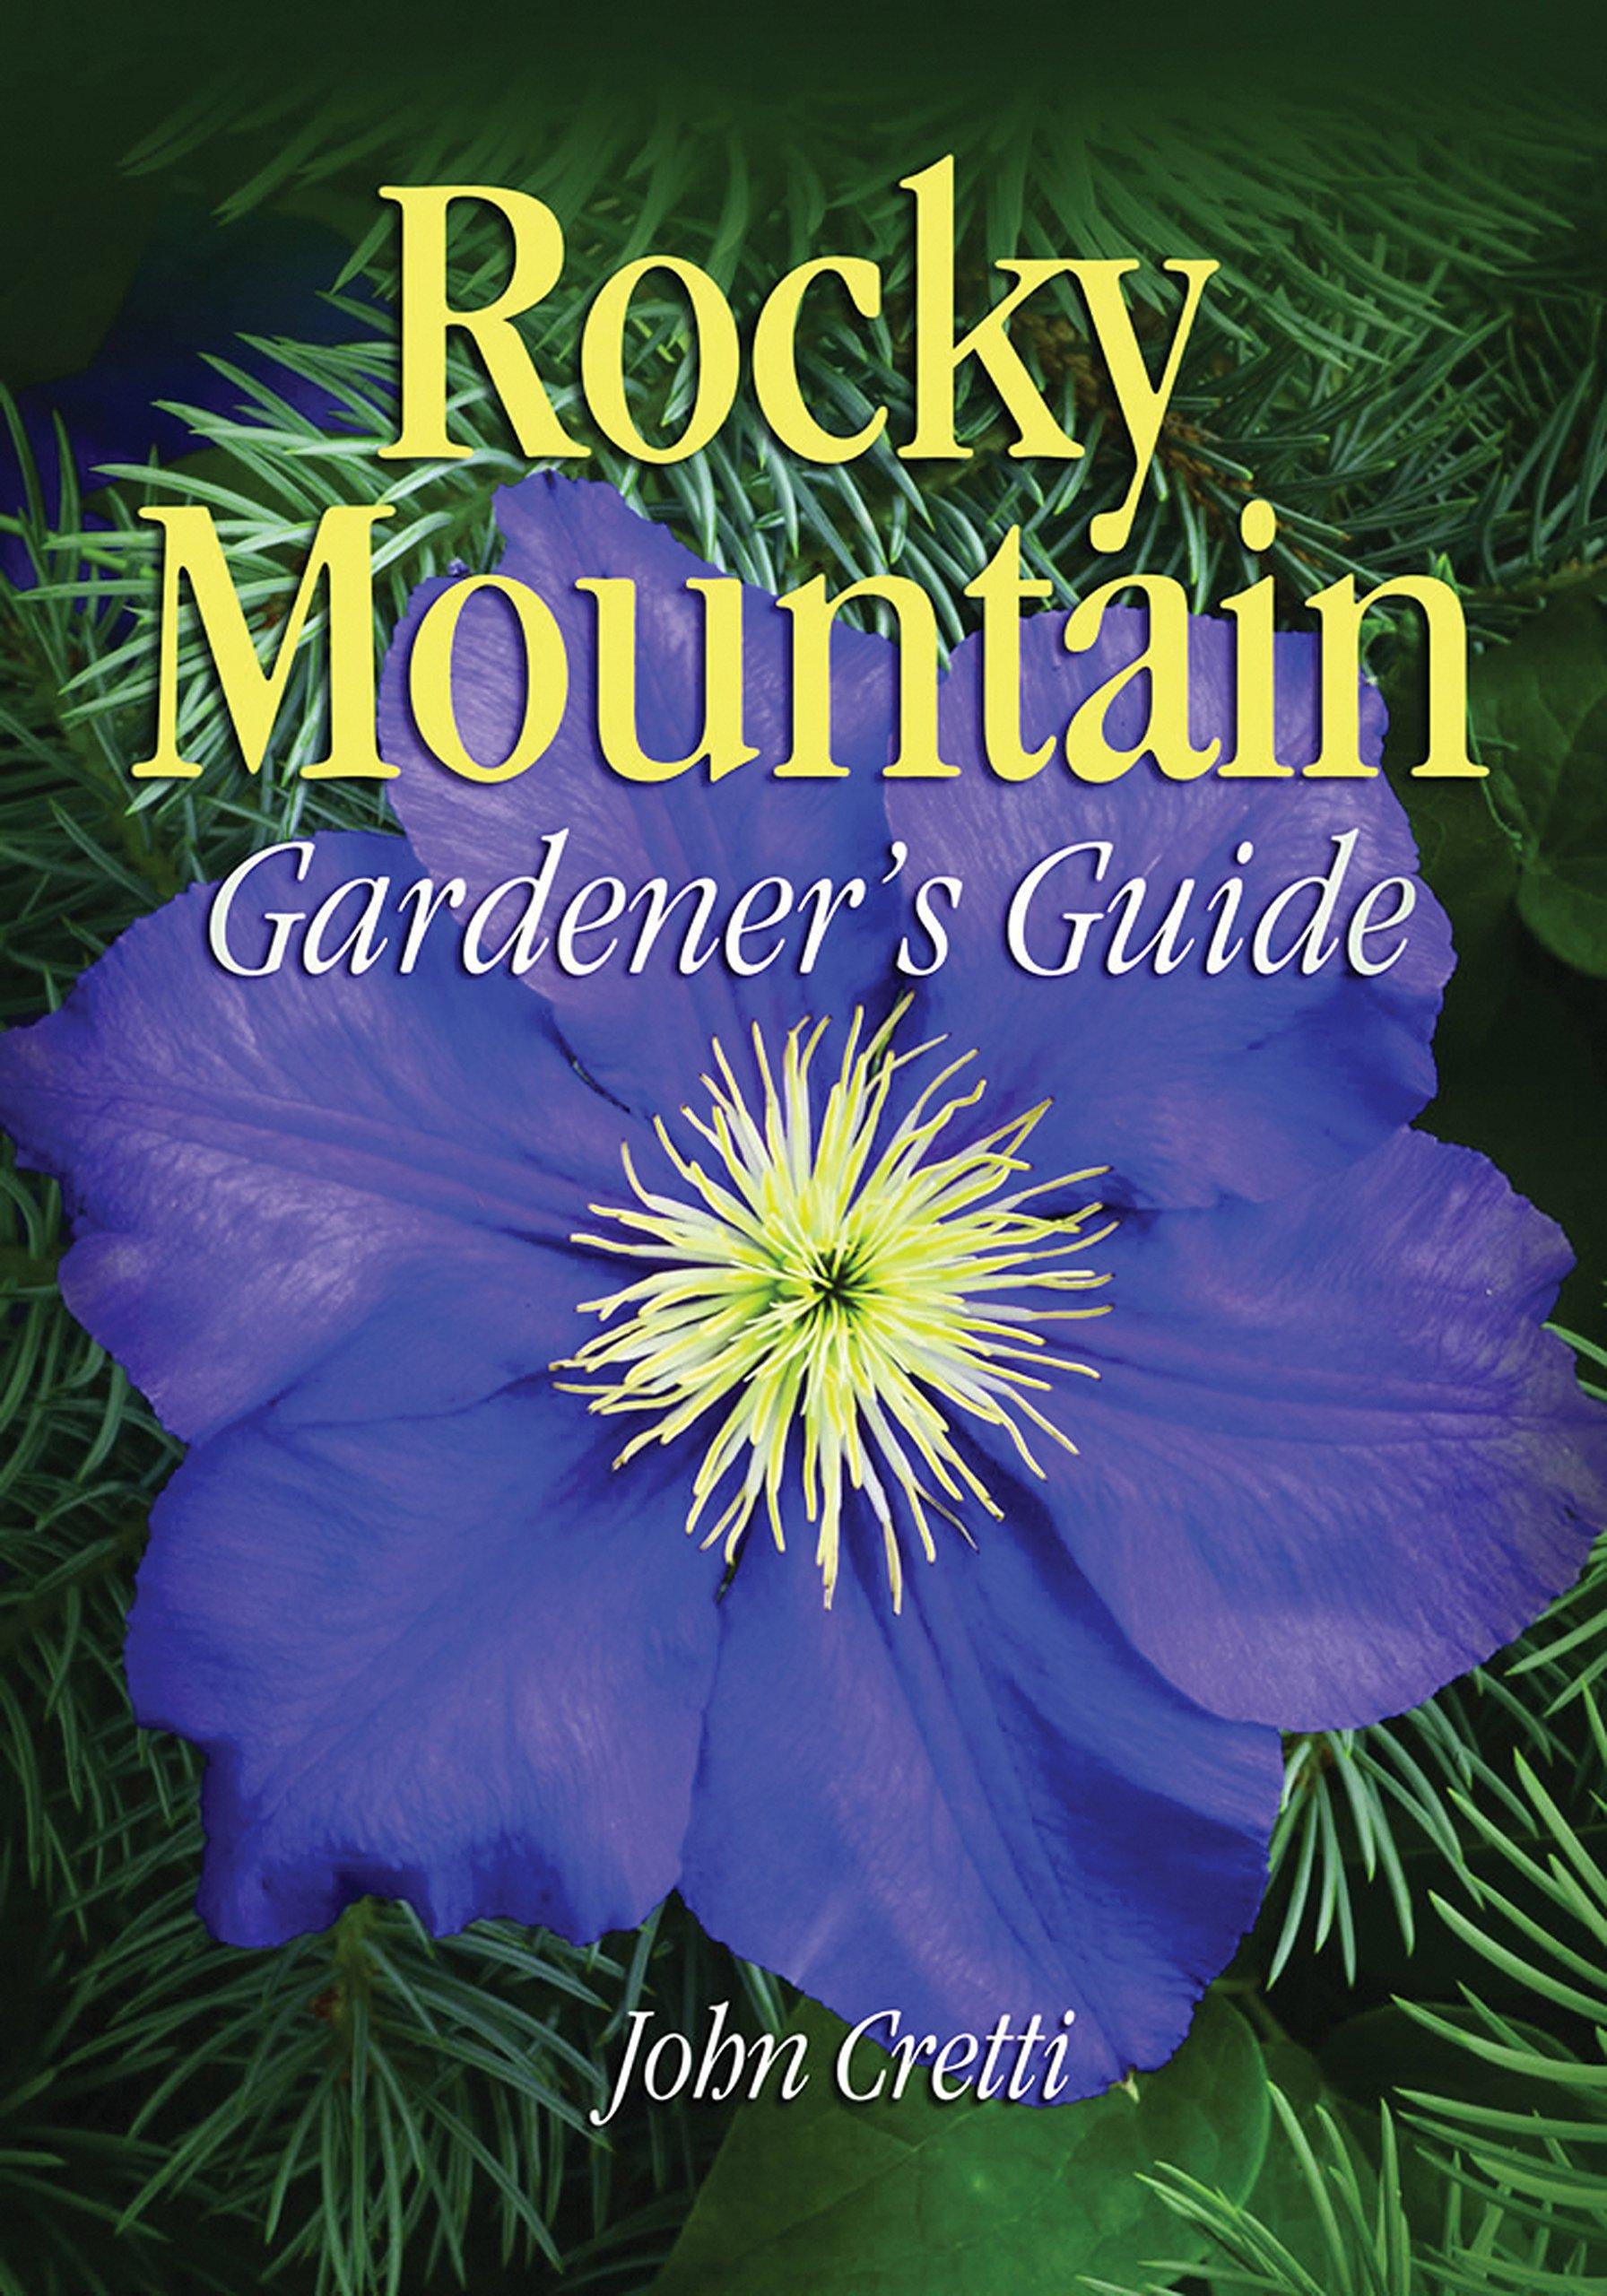 Rocky Mountain Gardener's Guide (Gardener's Guides) pdf